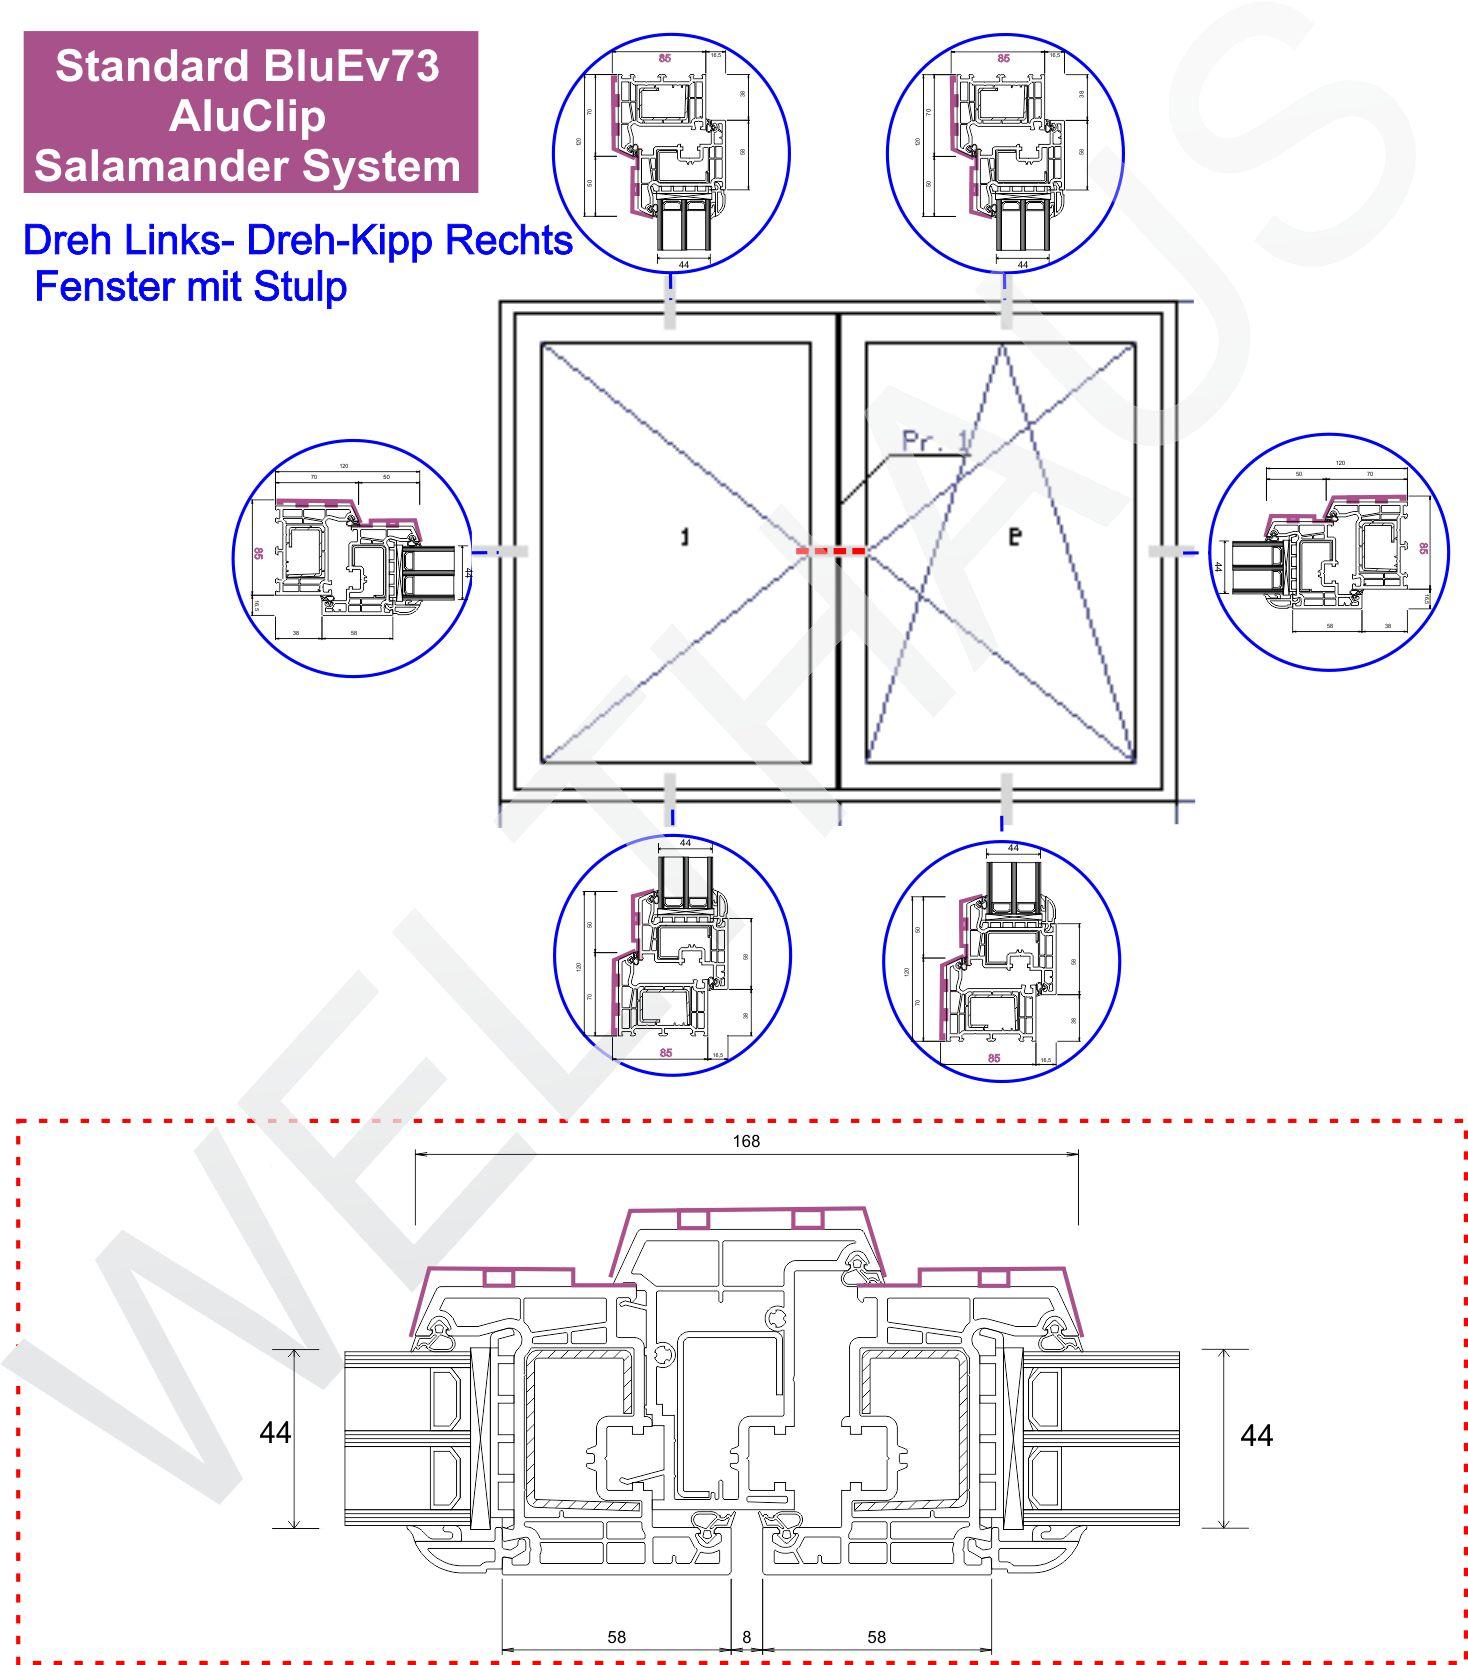 Full Size of Rc 2 Fenster Ausstattung Anforderungen Fenstergitter Test Rc2 Fenstergriff Definition Preis Beschlag Kosten Montage Welthaus 120x120 Beleuchtung Bett 160x220 Fenster Rc 2 Fenster